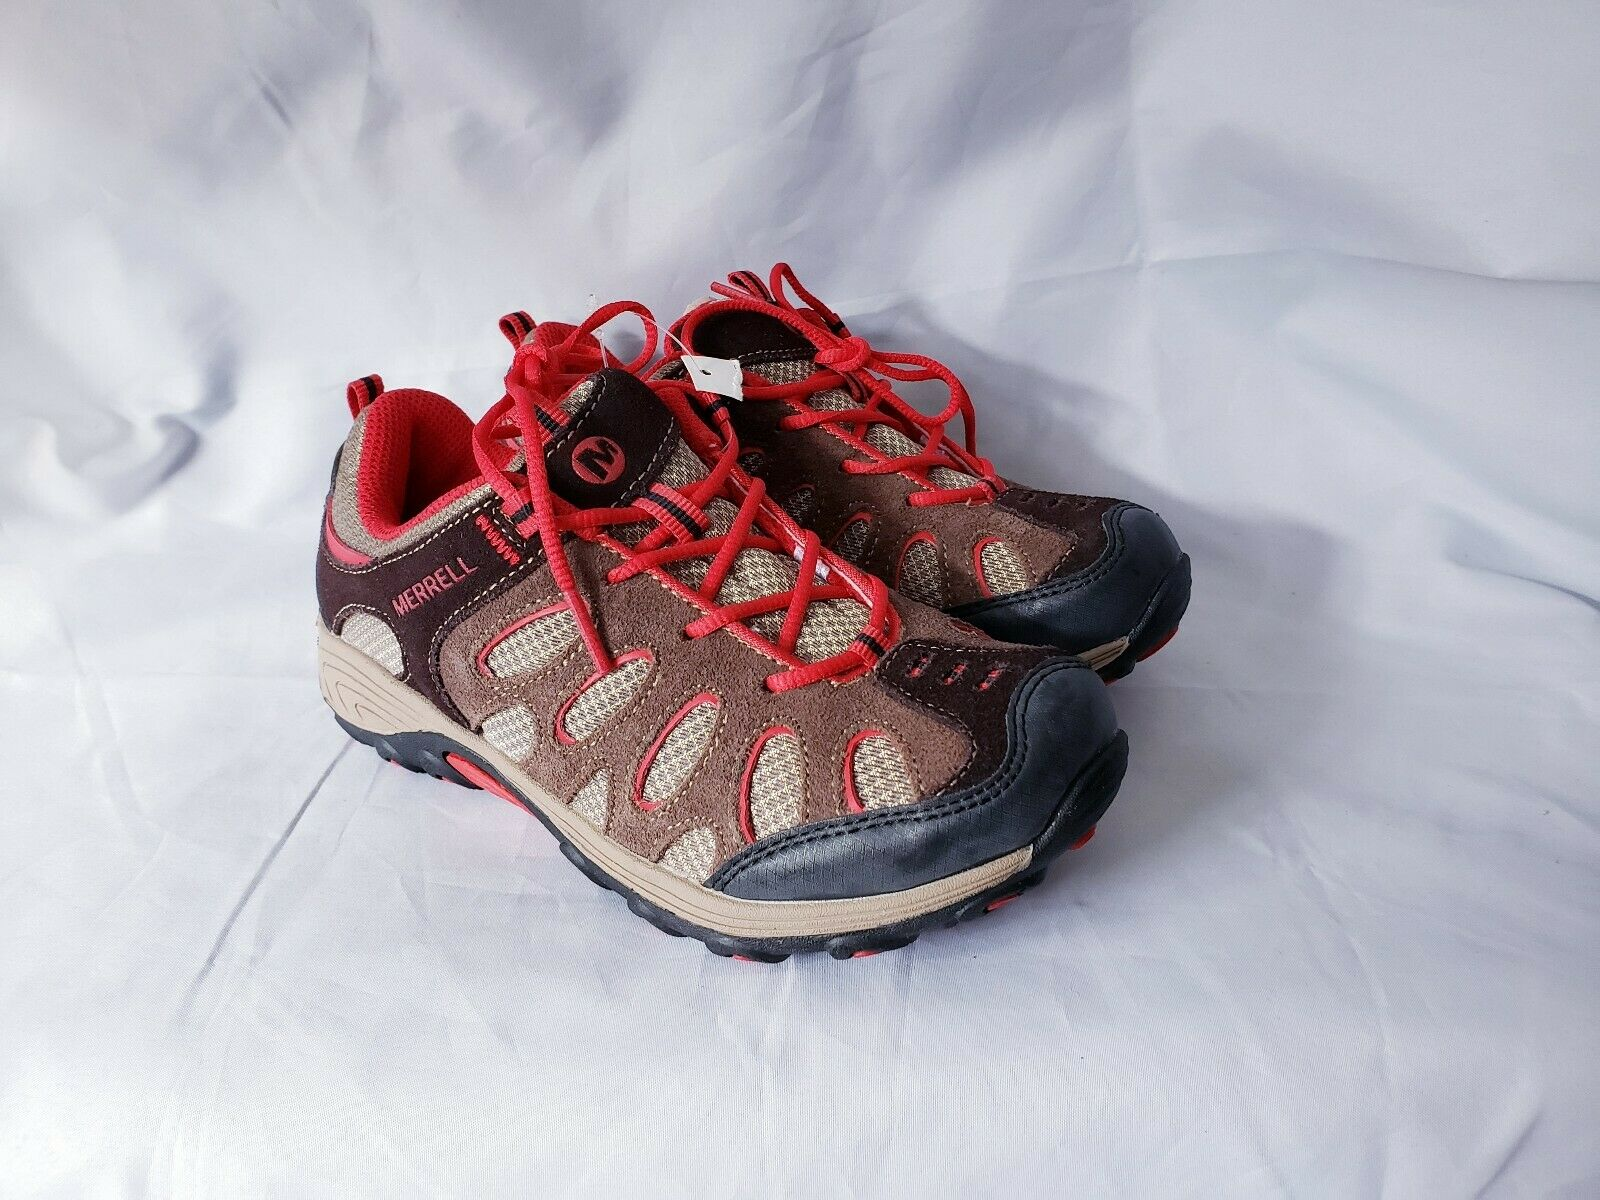 Grey Waterproof Walking Hiking Shoes